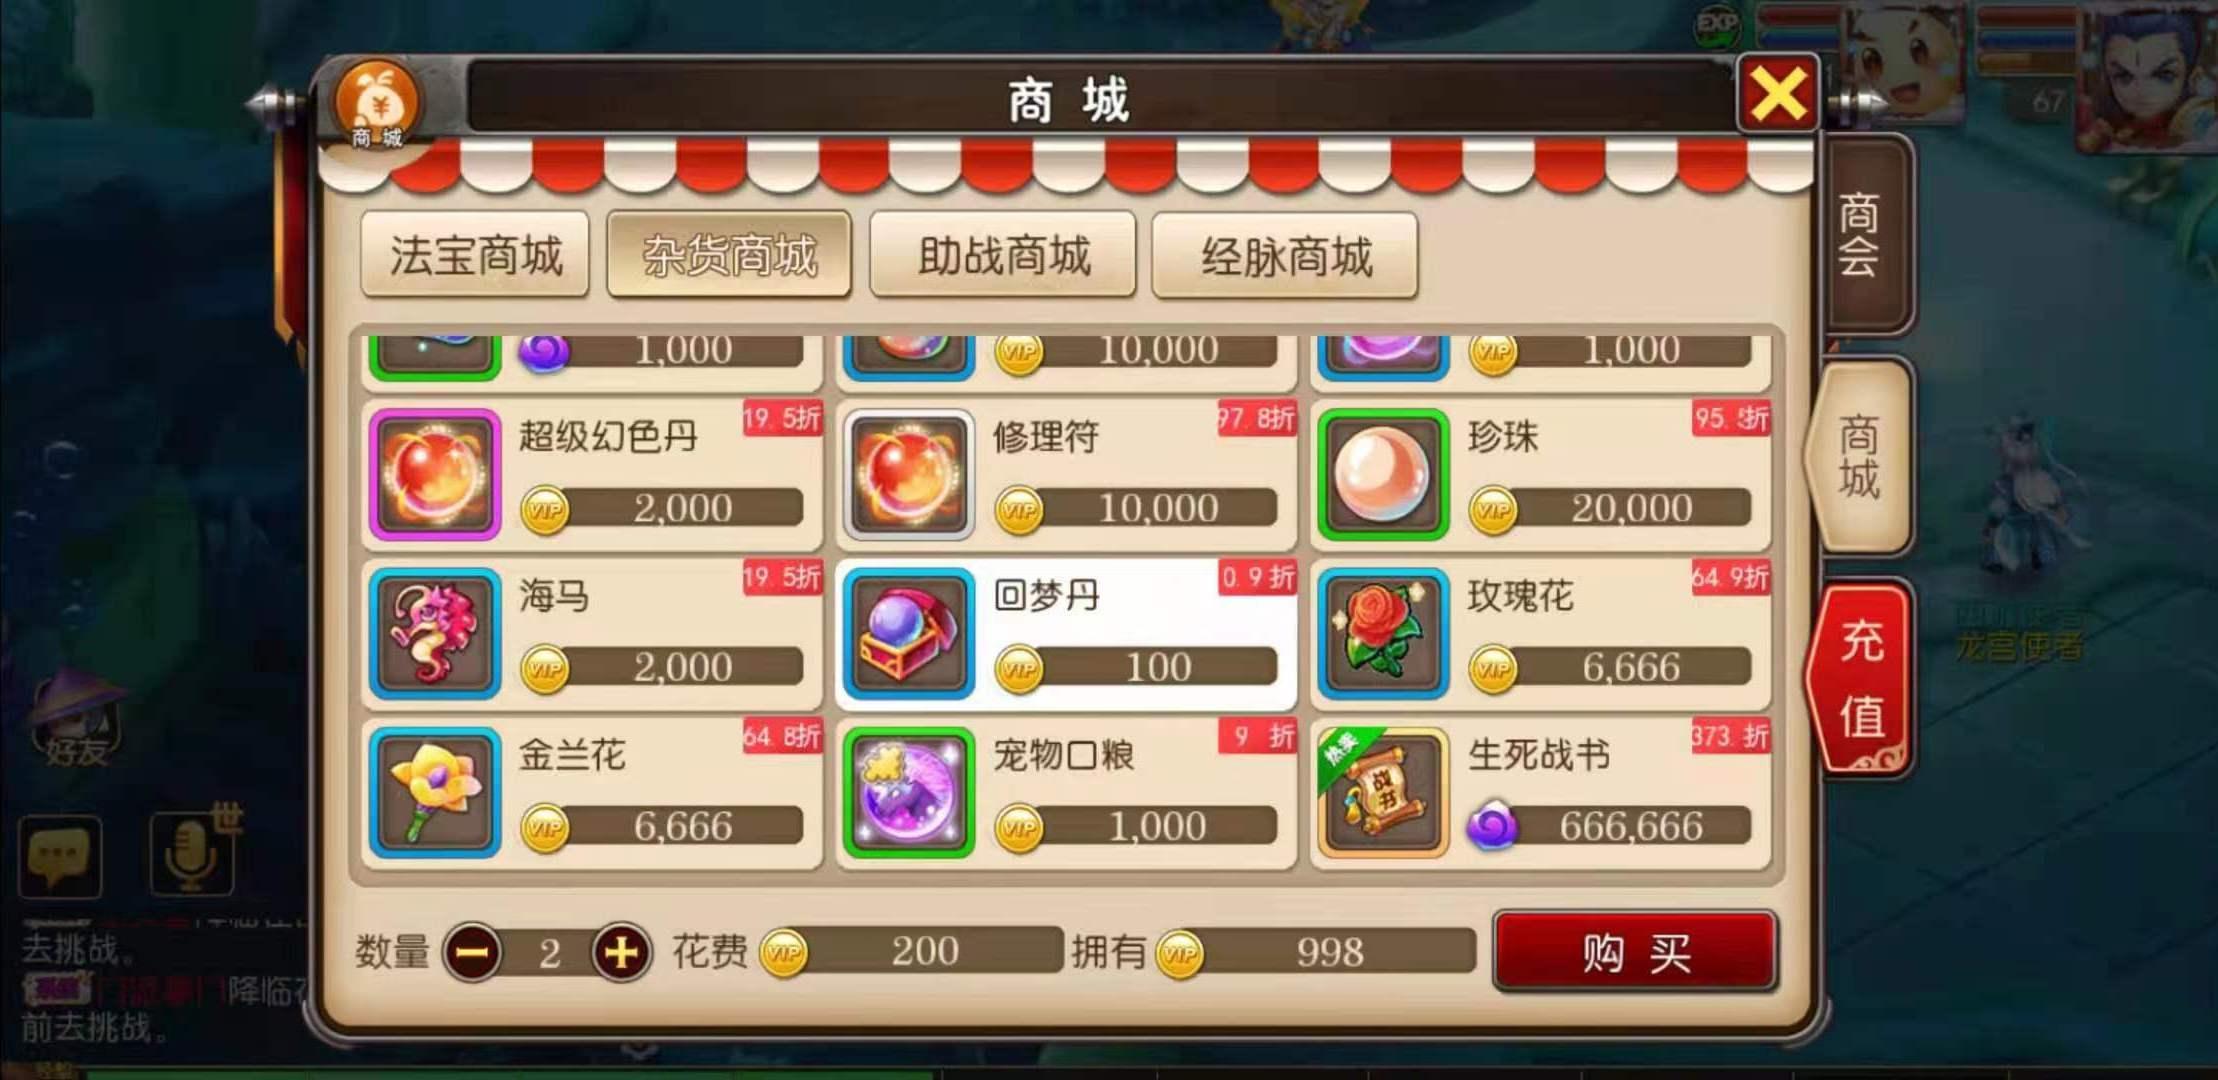 [链游观察] 币云交易所·梦幻西游 GameFi 生态解读